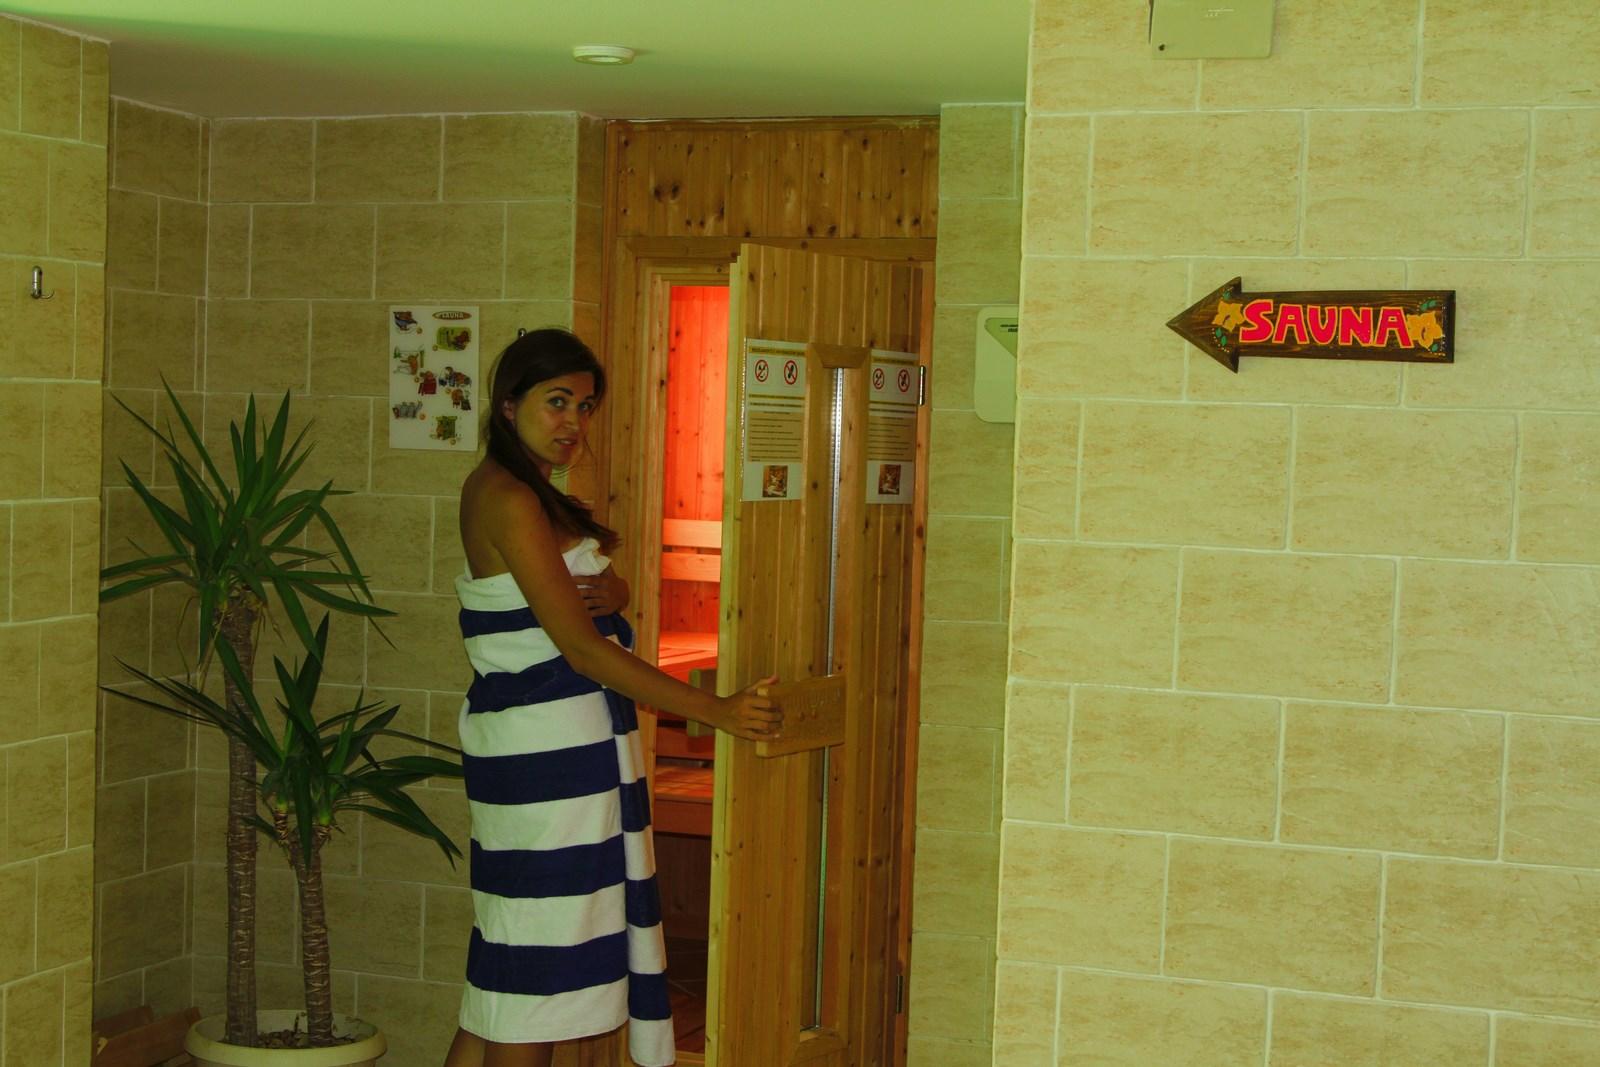 La sauna finalndese